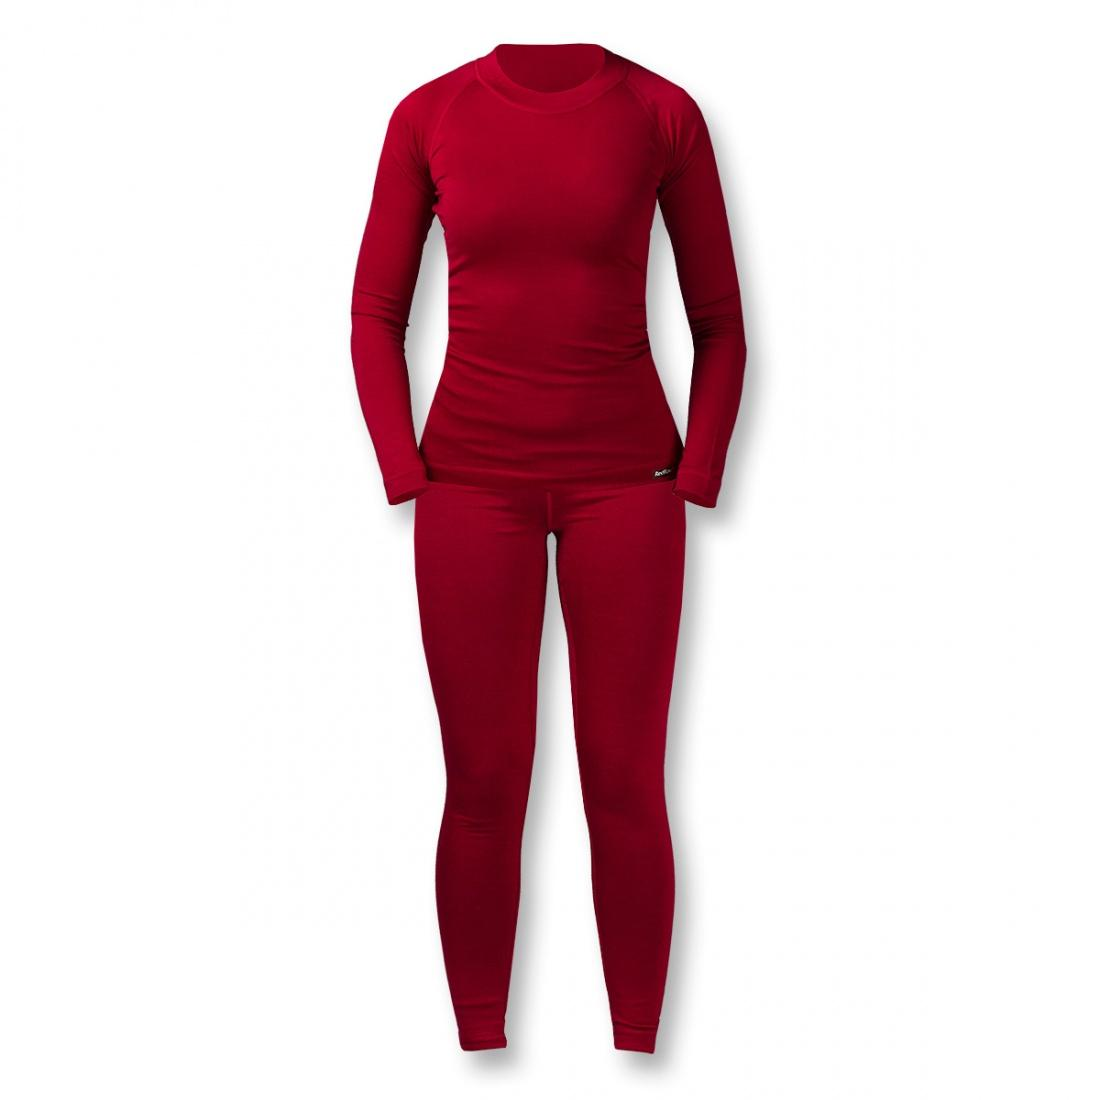 Термобелье костюм Wool Dry Light ЖенскийКомплекты<br><br> Тончайшее термобелье для женщин из мериносовой шерсти: оно достаточно теплое и пуловер можно носить как самостоятельный элемент одежд...<br><br>Цвет: Темно-красный<br>Размер: 50